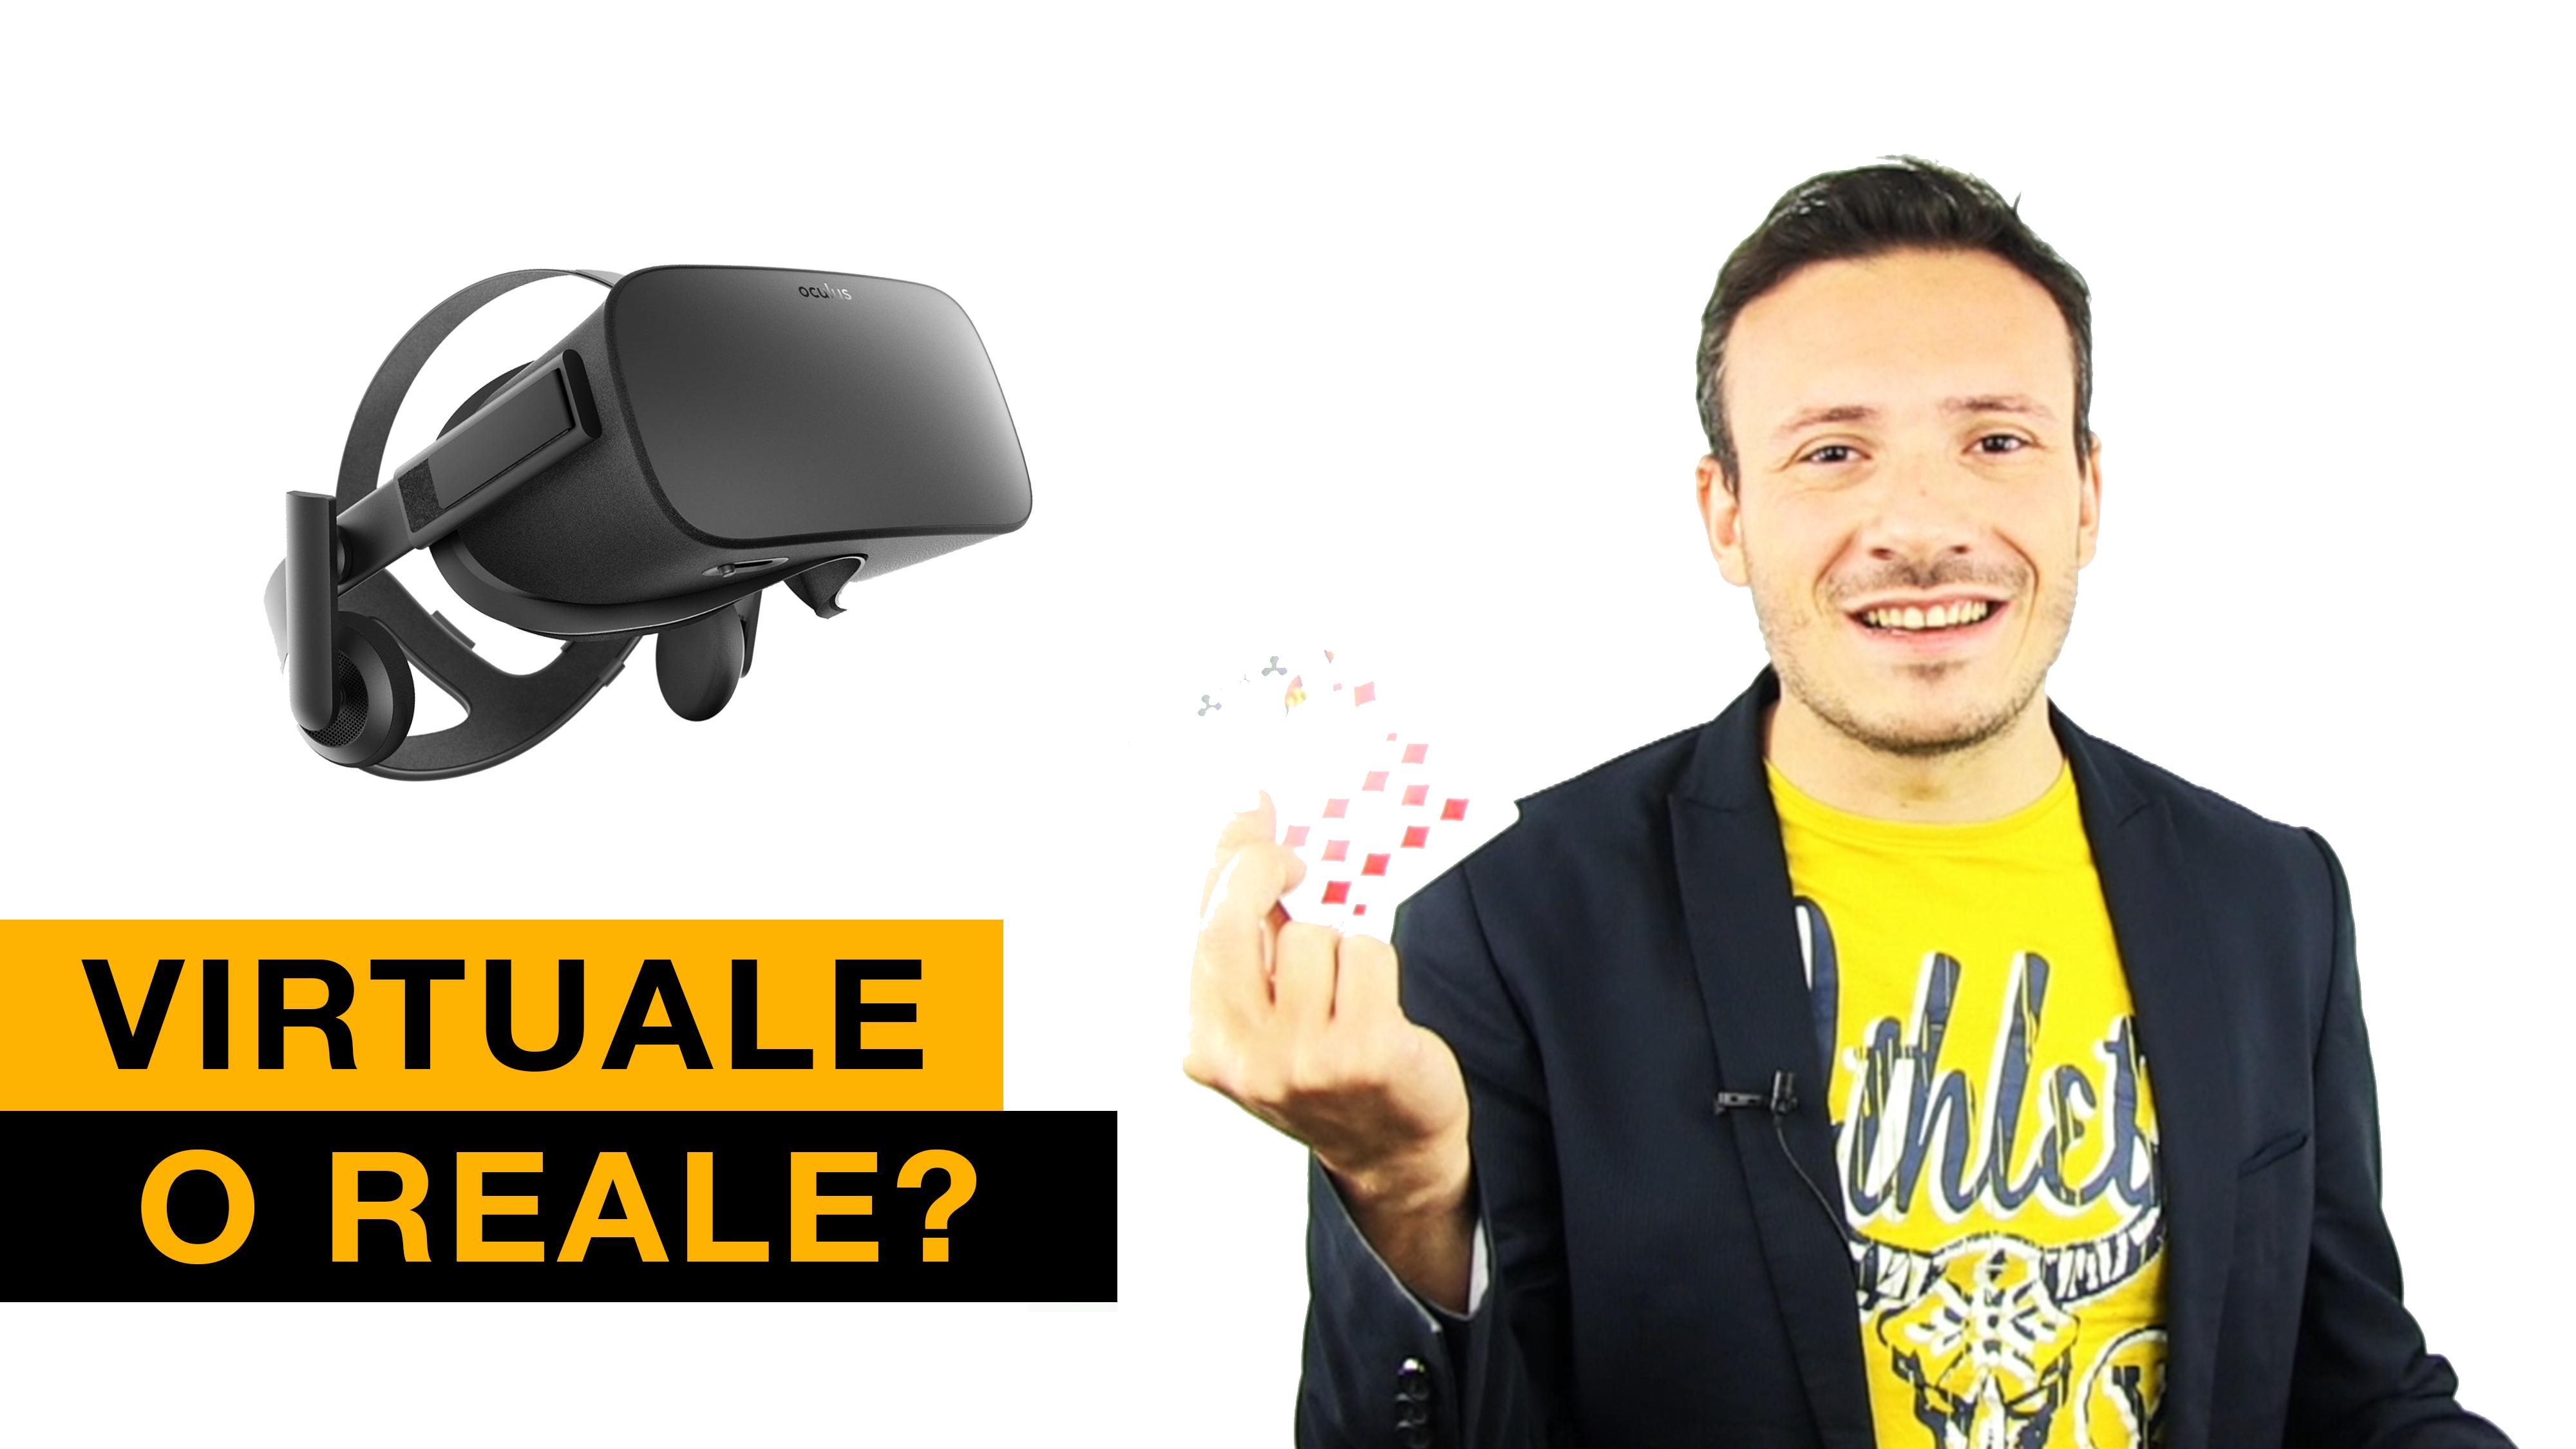 virtuale-o-reale